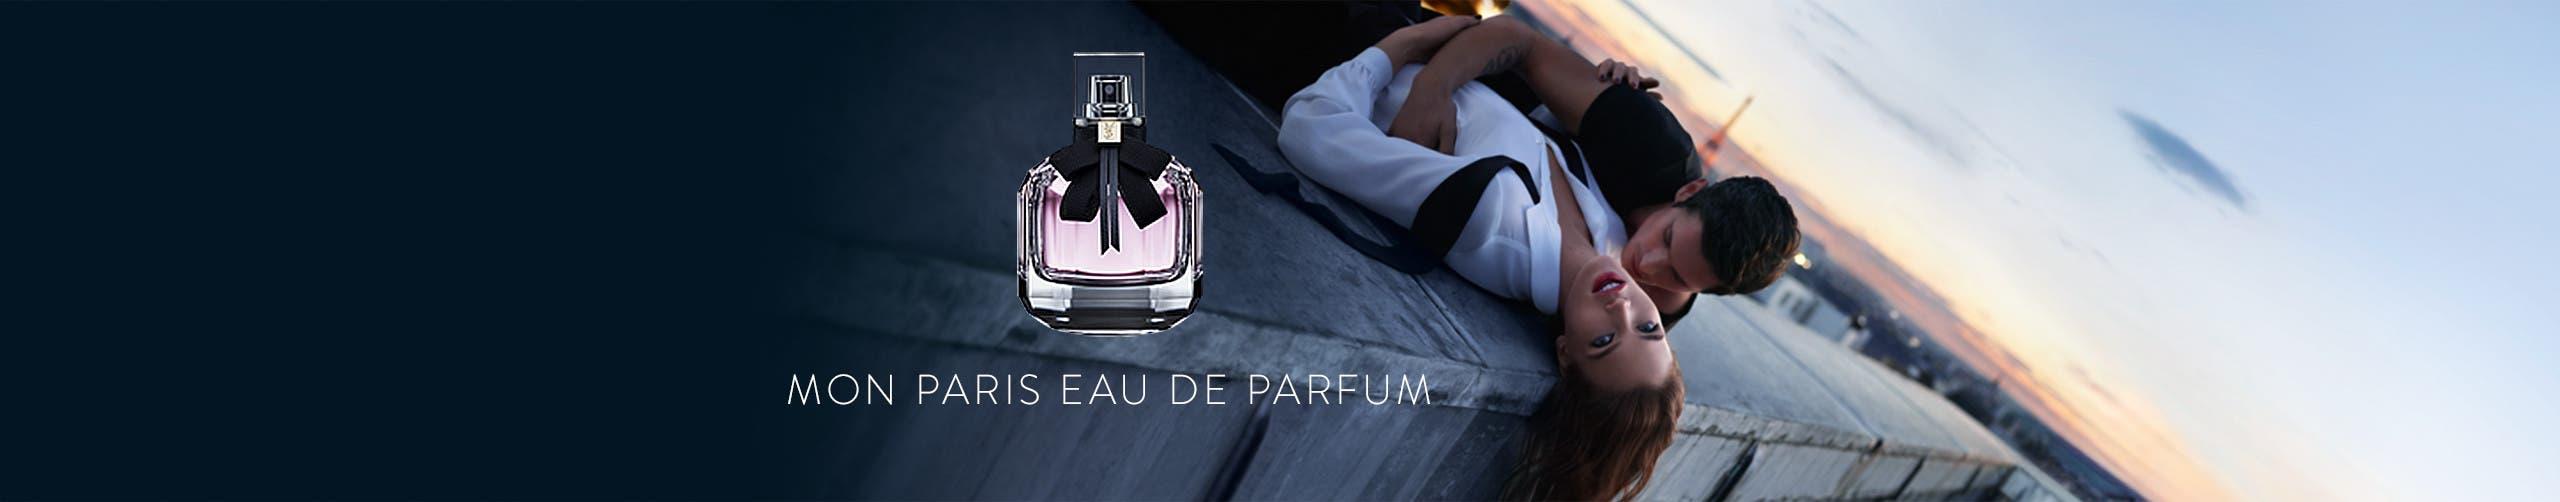 Mon Paris Eau de Parfum.